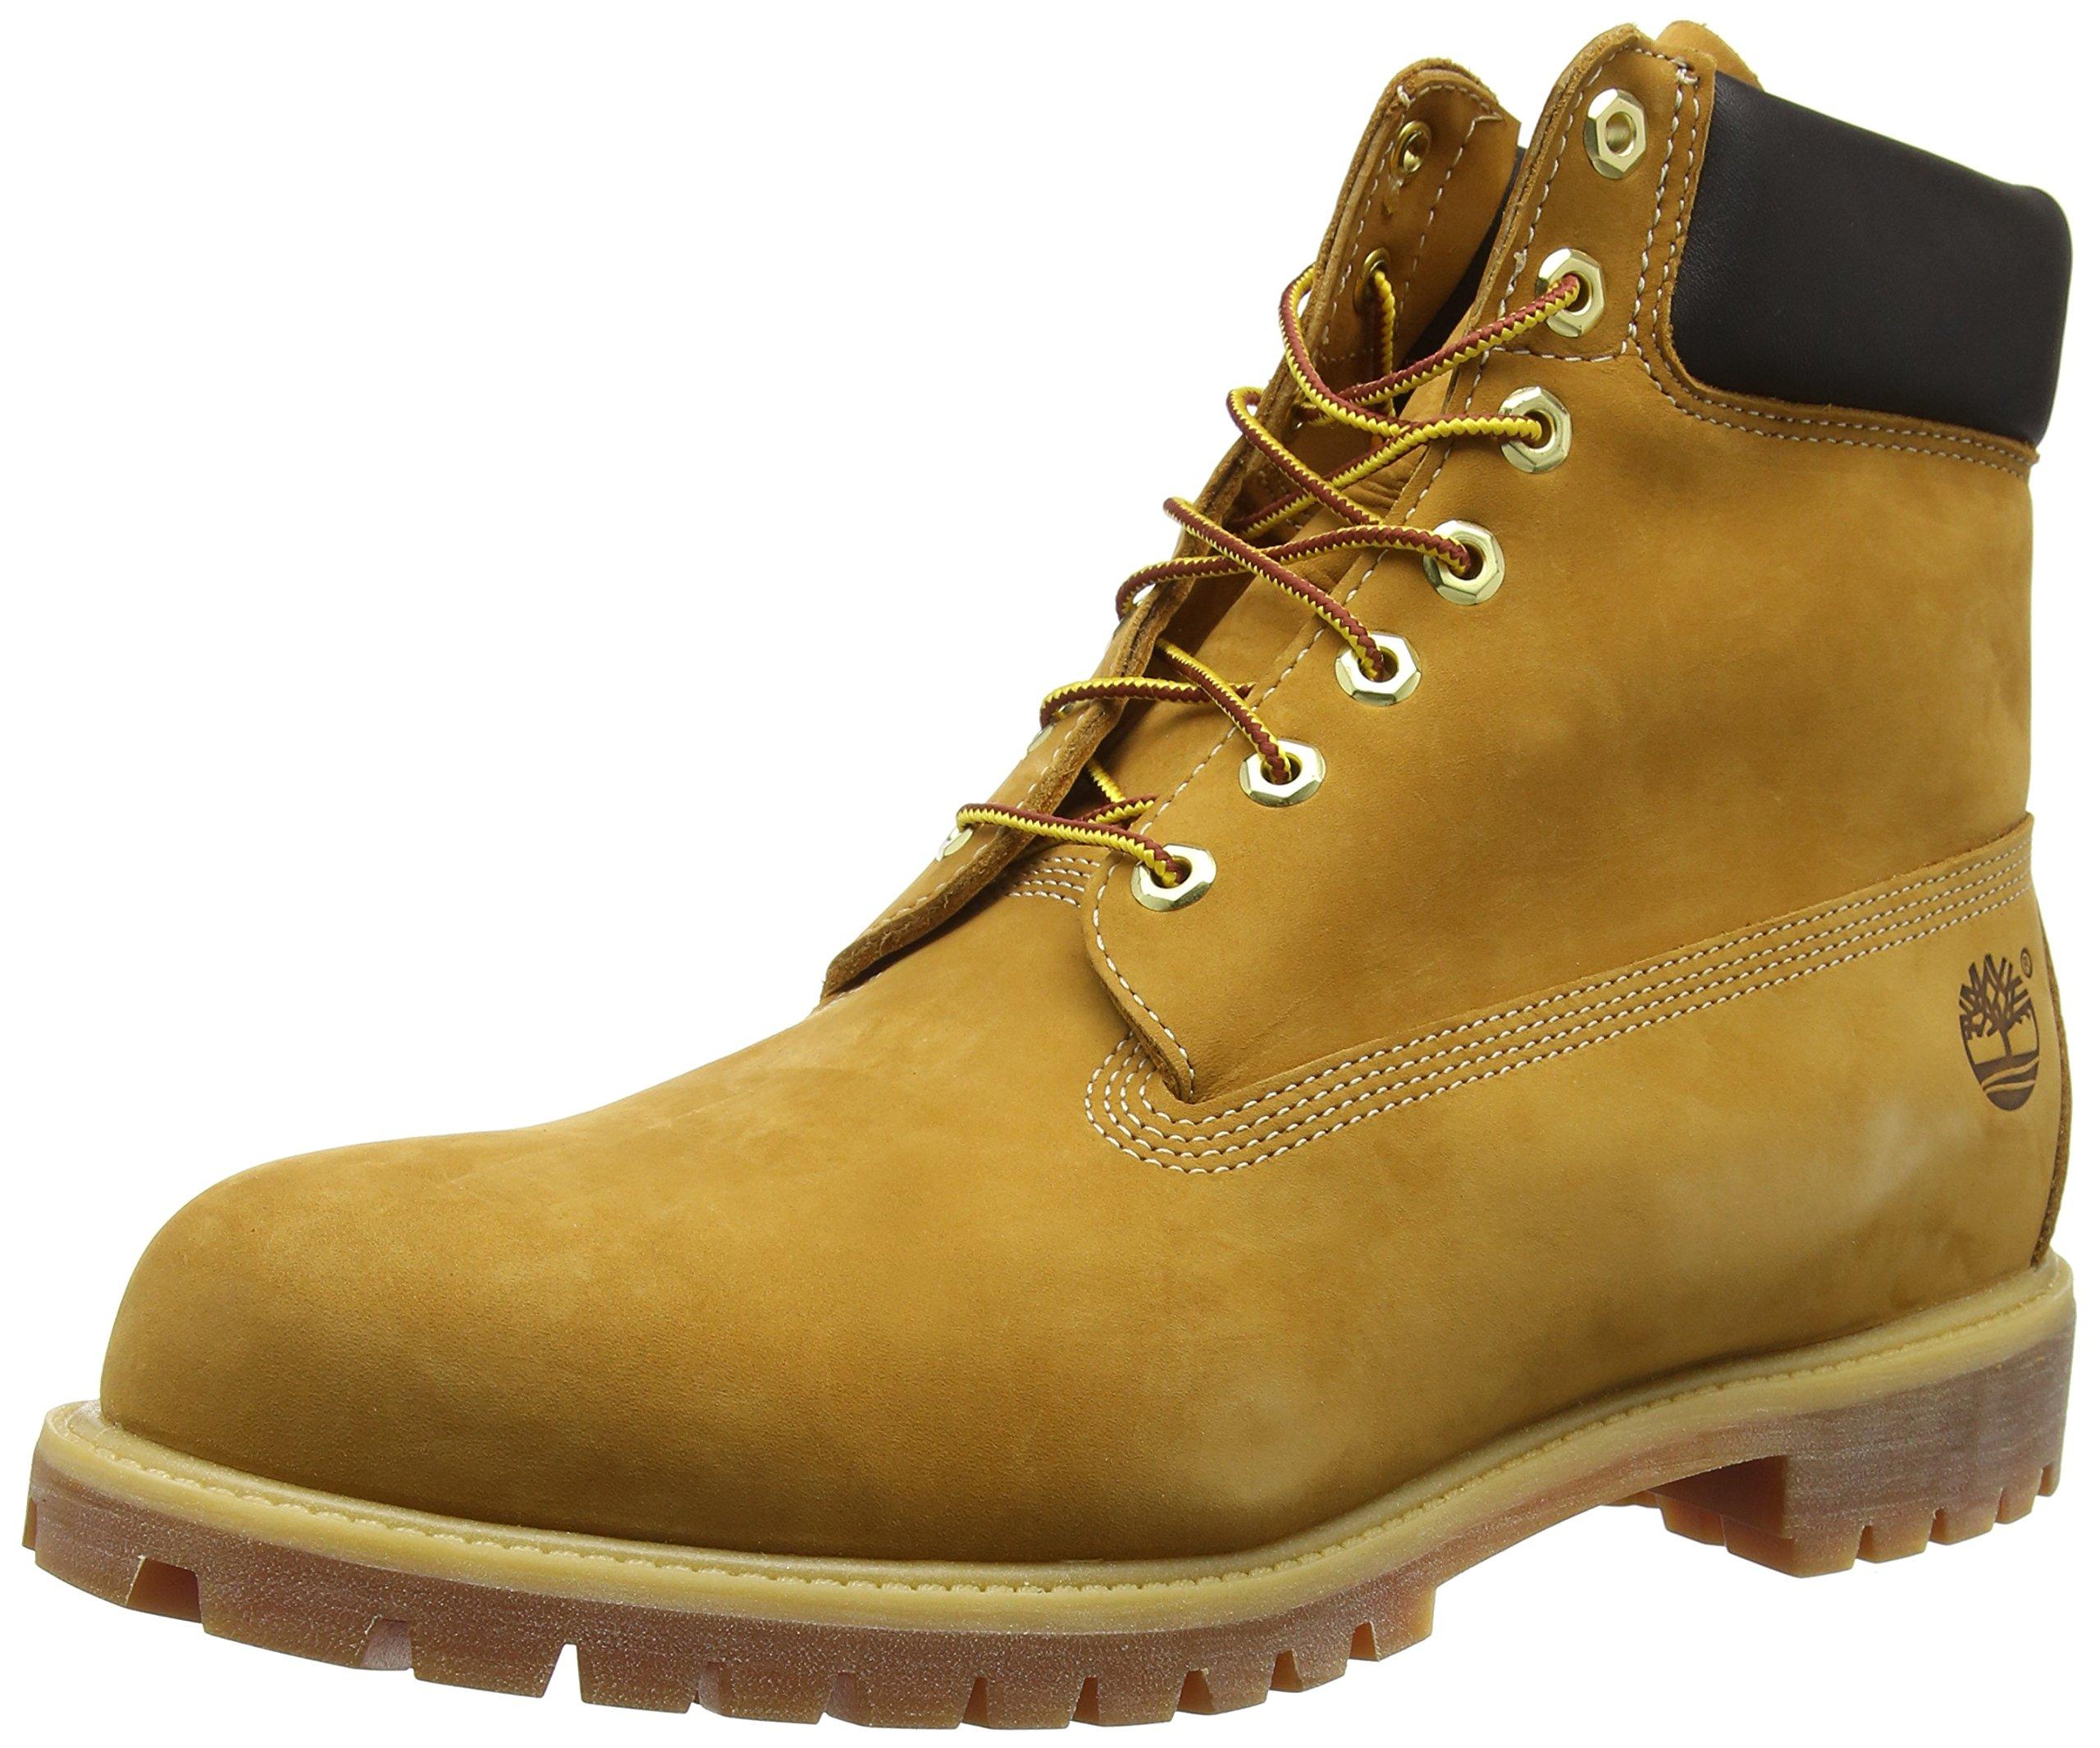 Timberland Men's 6 inch Premium Waterproof Boot,Wheat Nubuck,11.5 M US